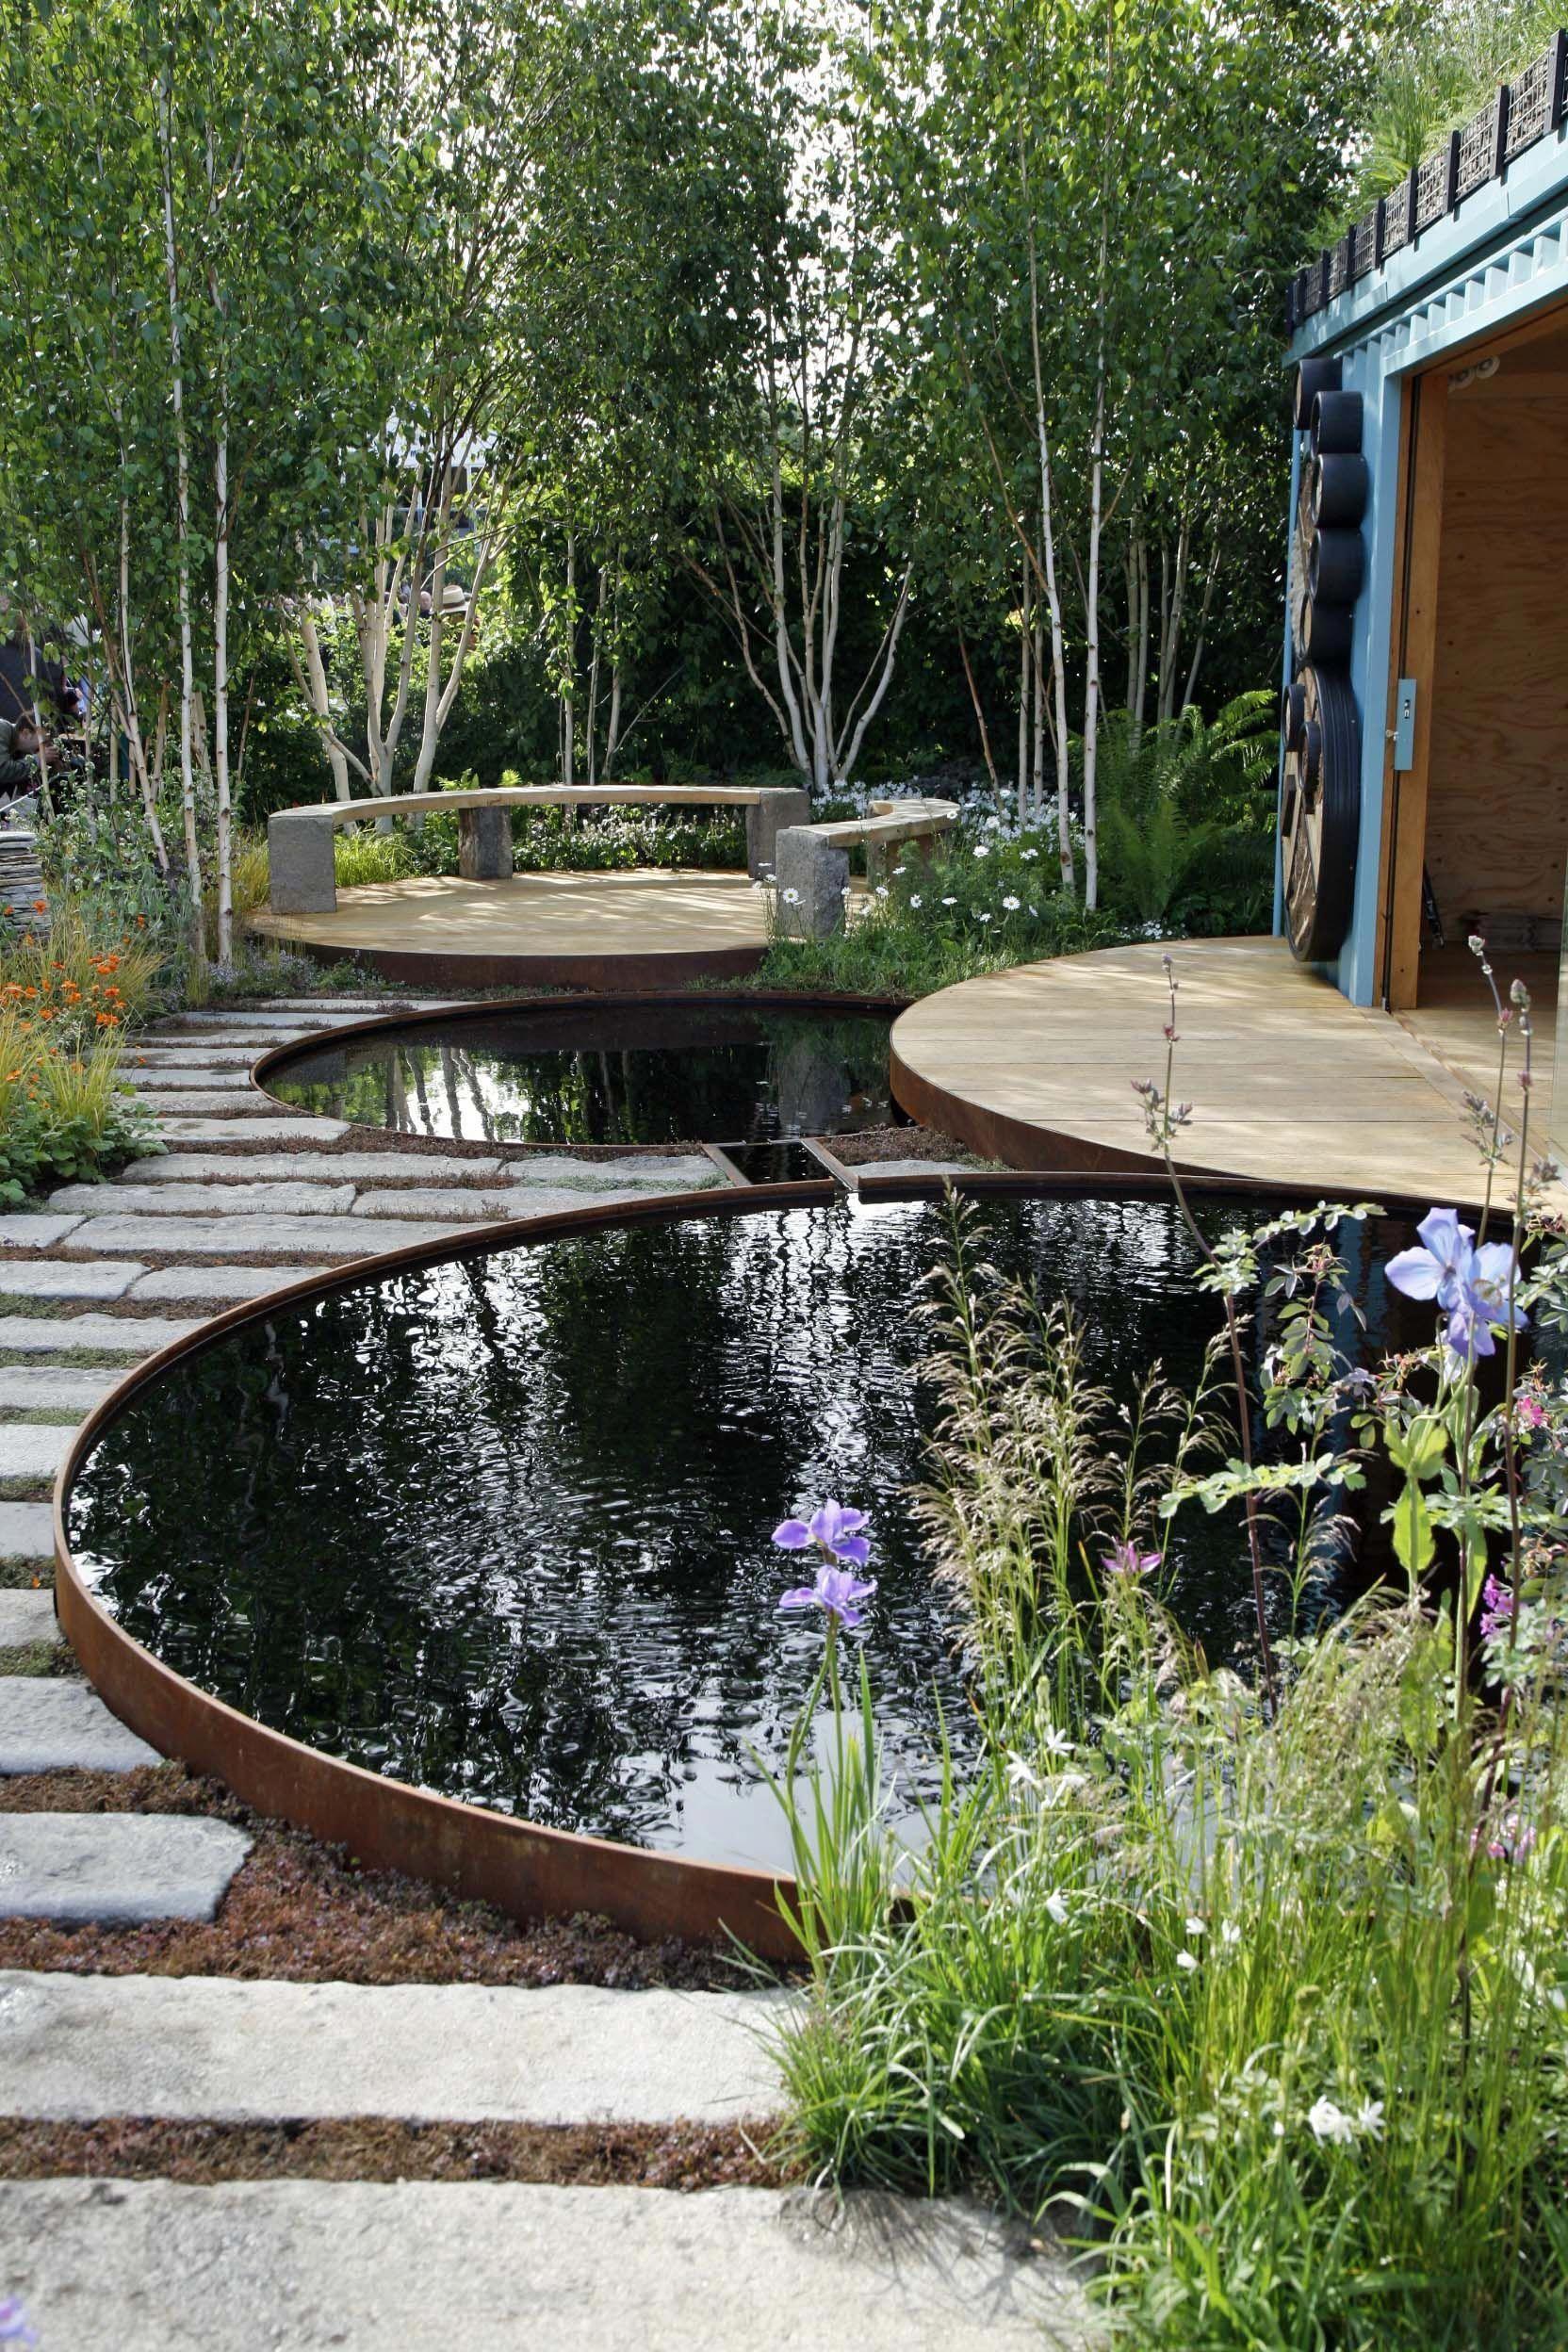 Gartenteich Modern Holzplateau Pflanzen Baume Gardendesignideas Garden Pond Design Water Features In The Garden Ponds Backyard Modern garden ideas with pond